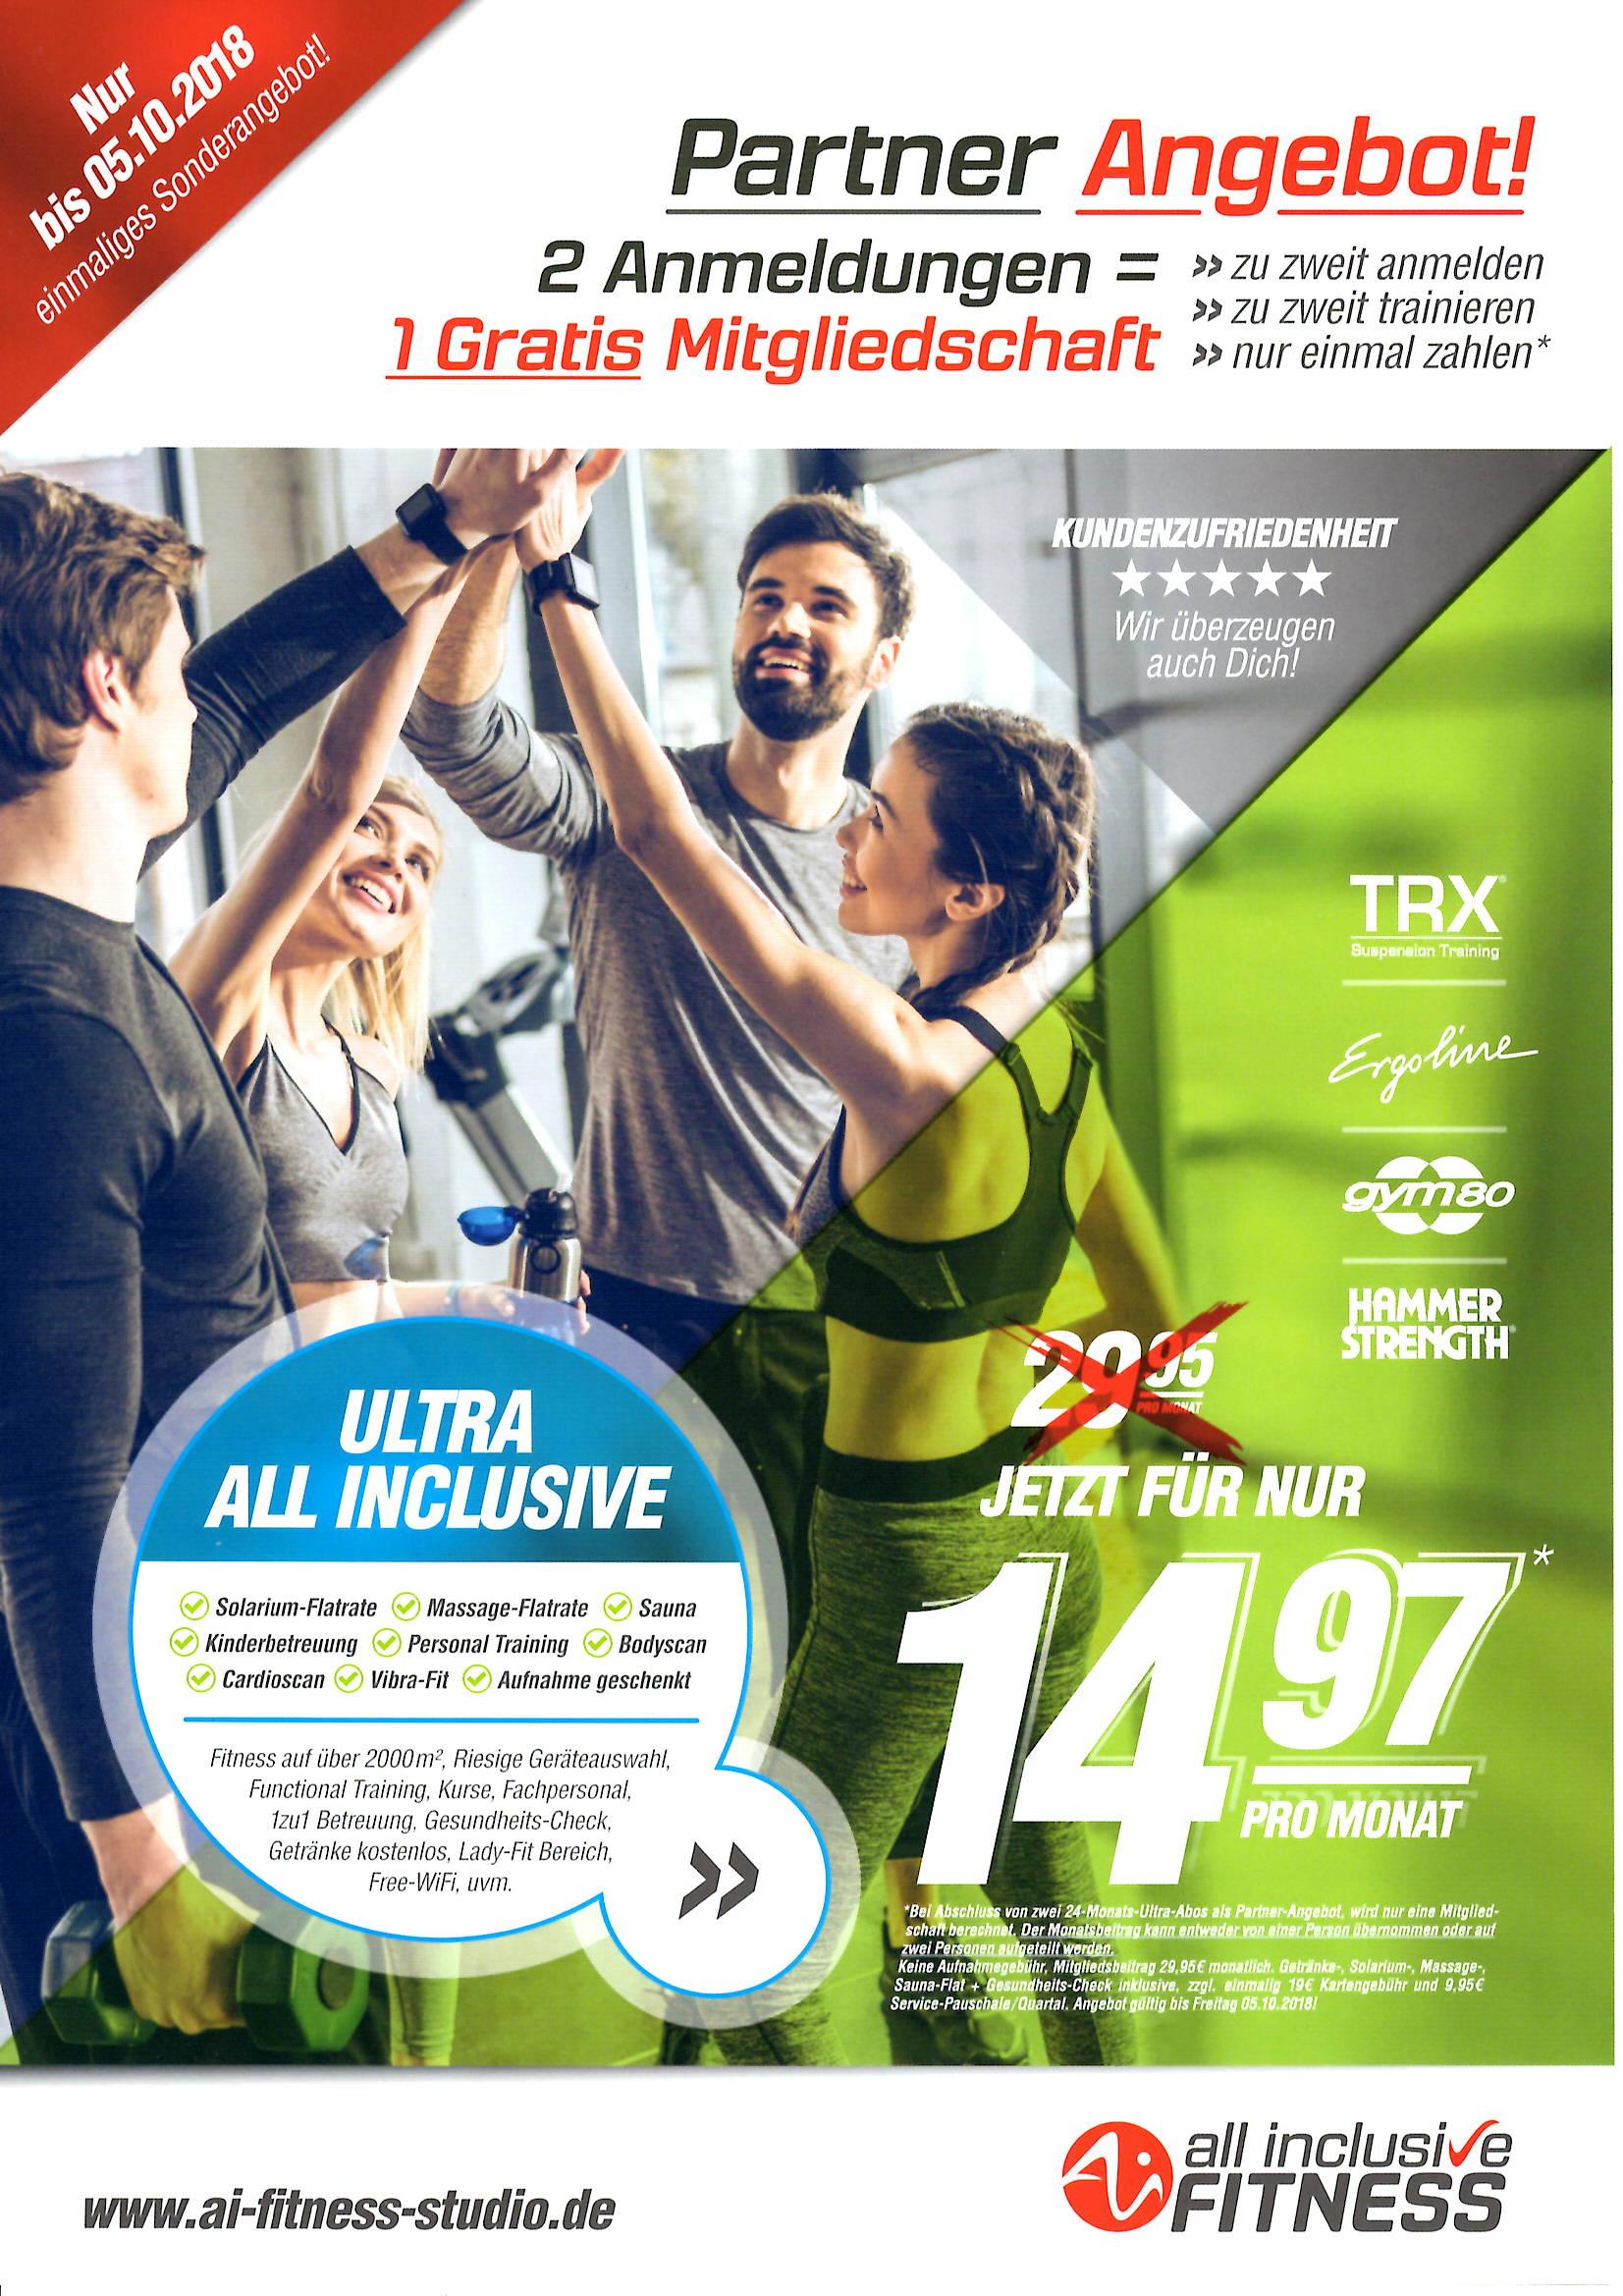 [LOKAL] Dresden & Chemnitz: 2 Anmeldungen = 1 Gratis Mitgliedschaft im Fitnessstudio! Bis 05.10.2018!